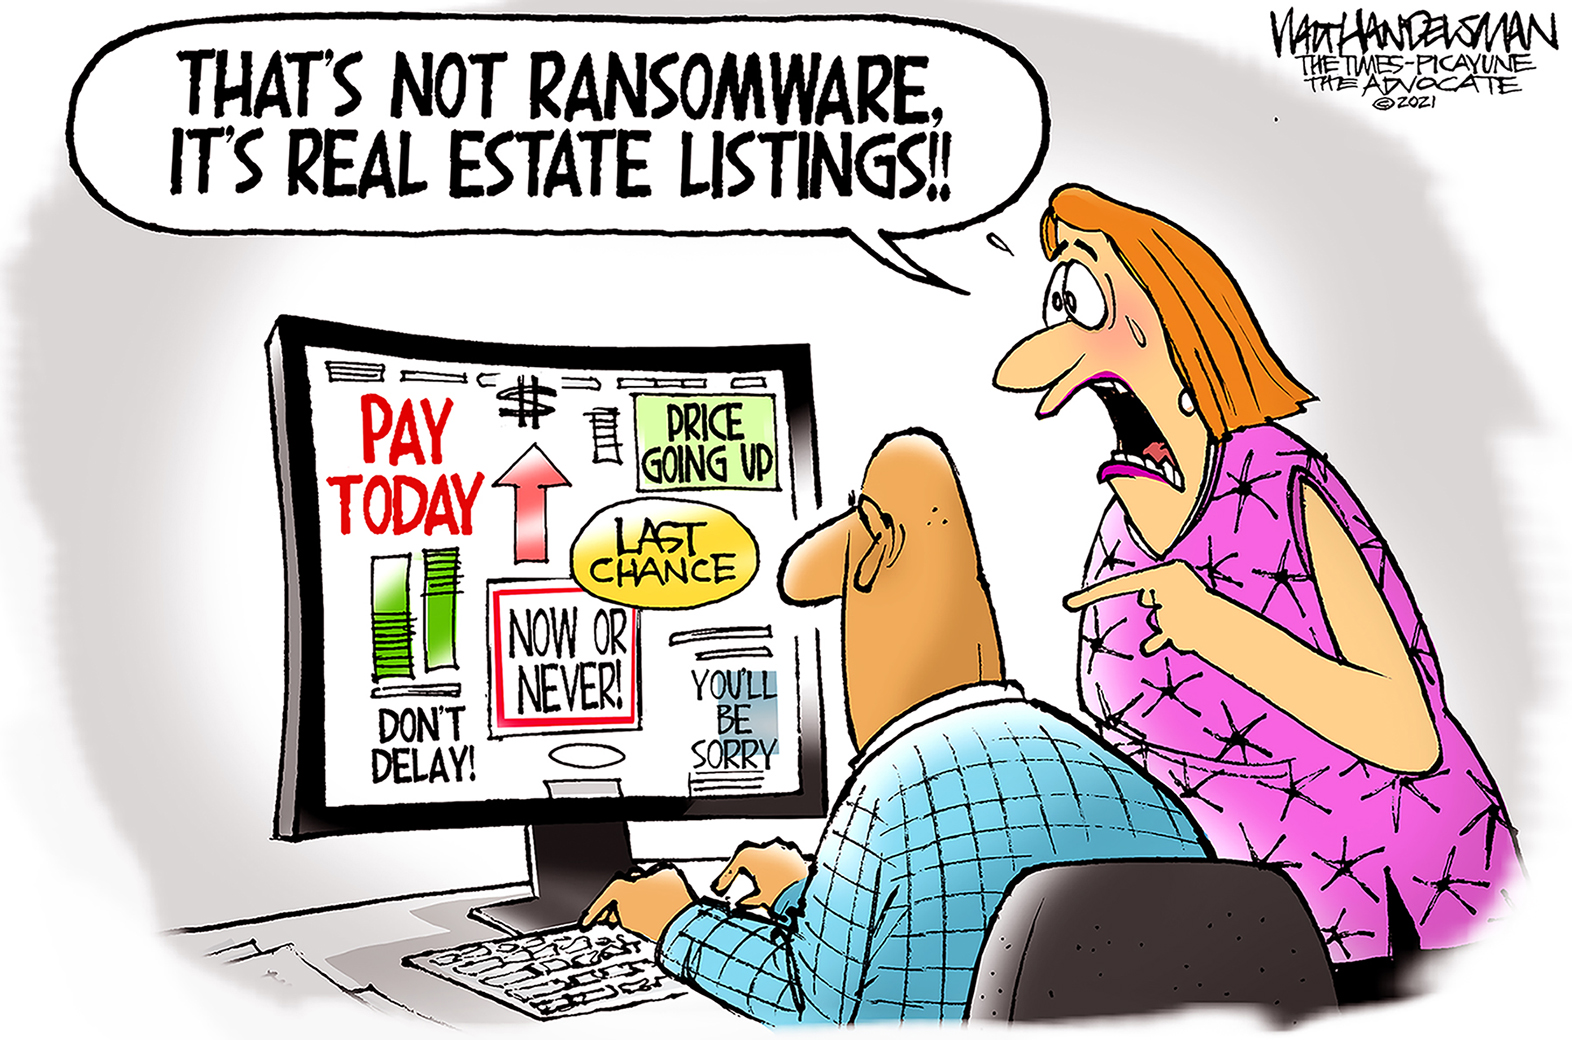 June 12: Real Estate Listings